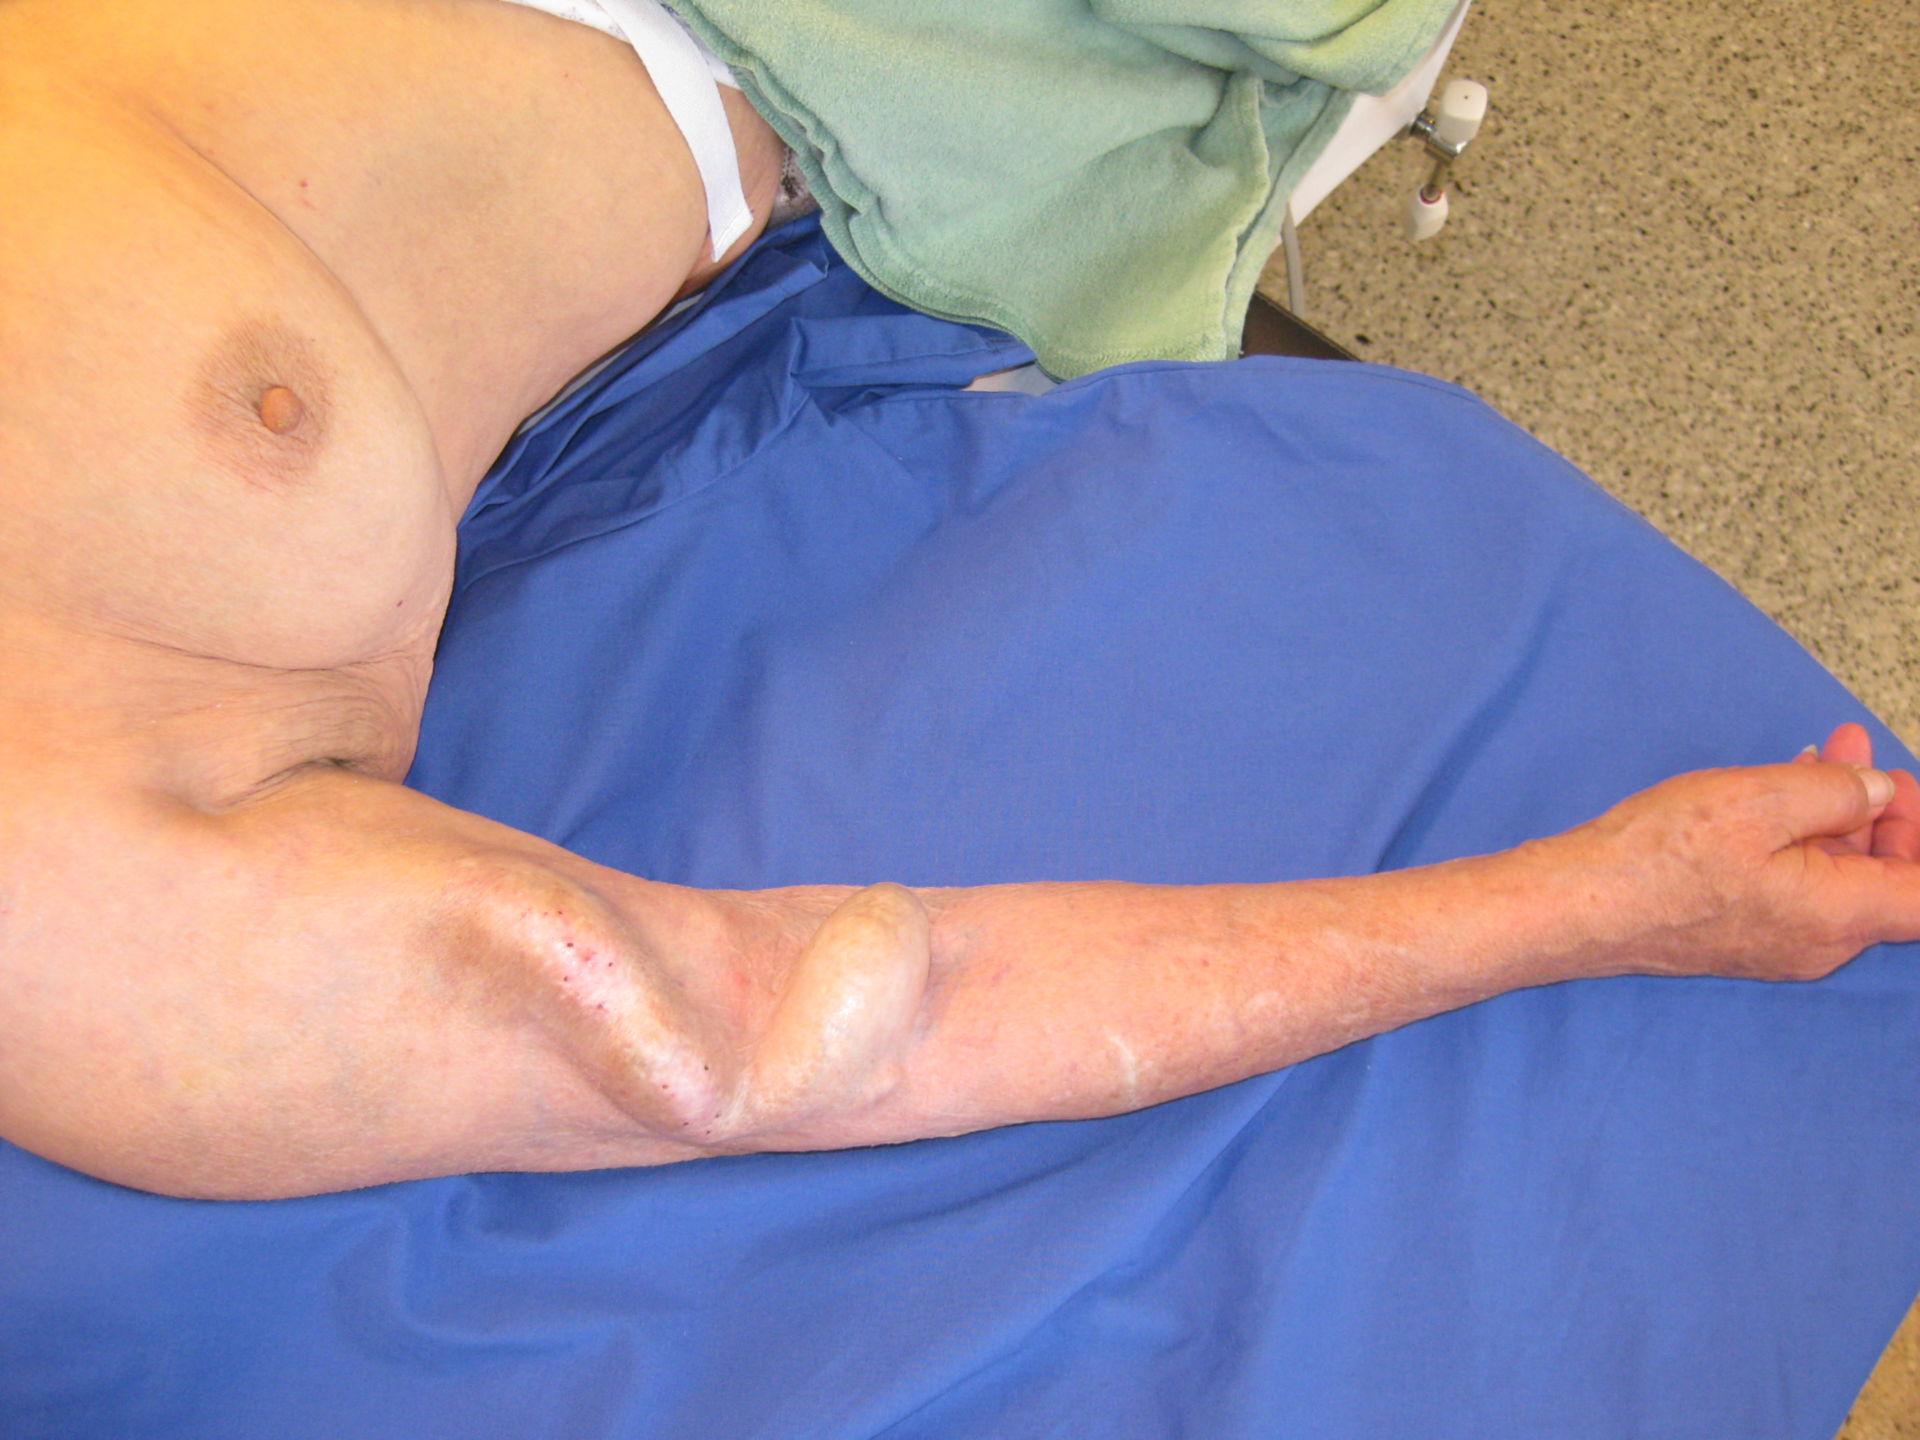 AV-shunt in dialysis